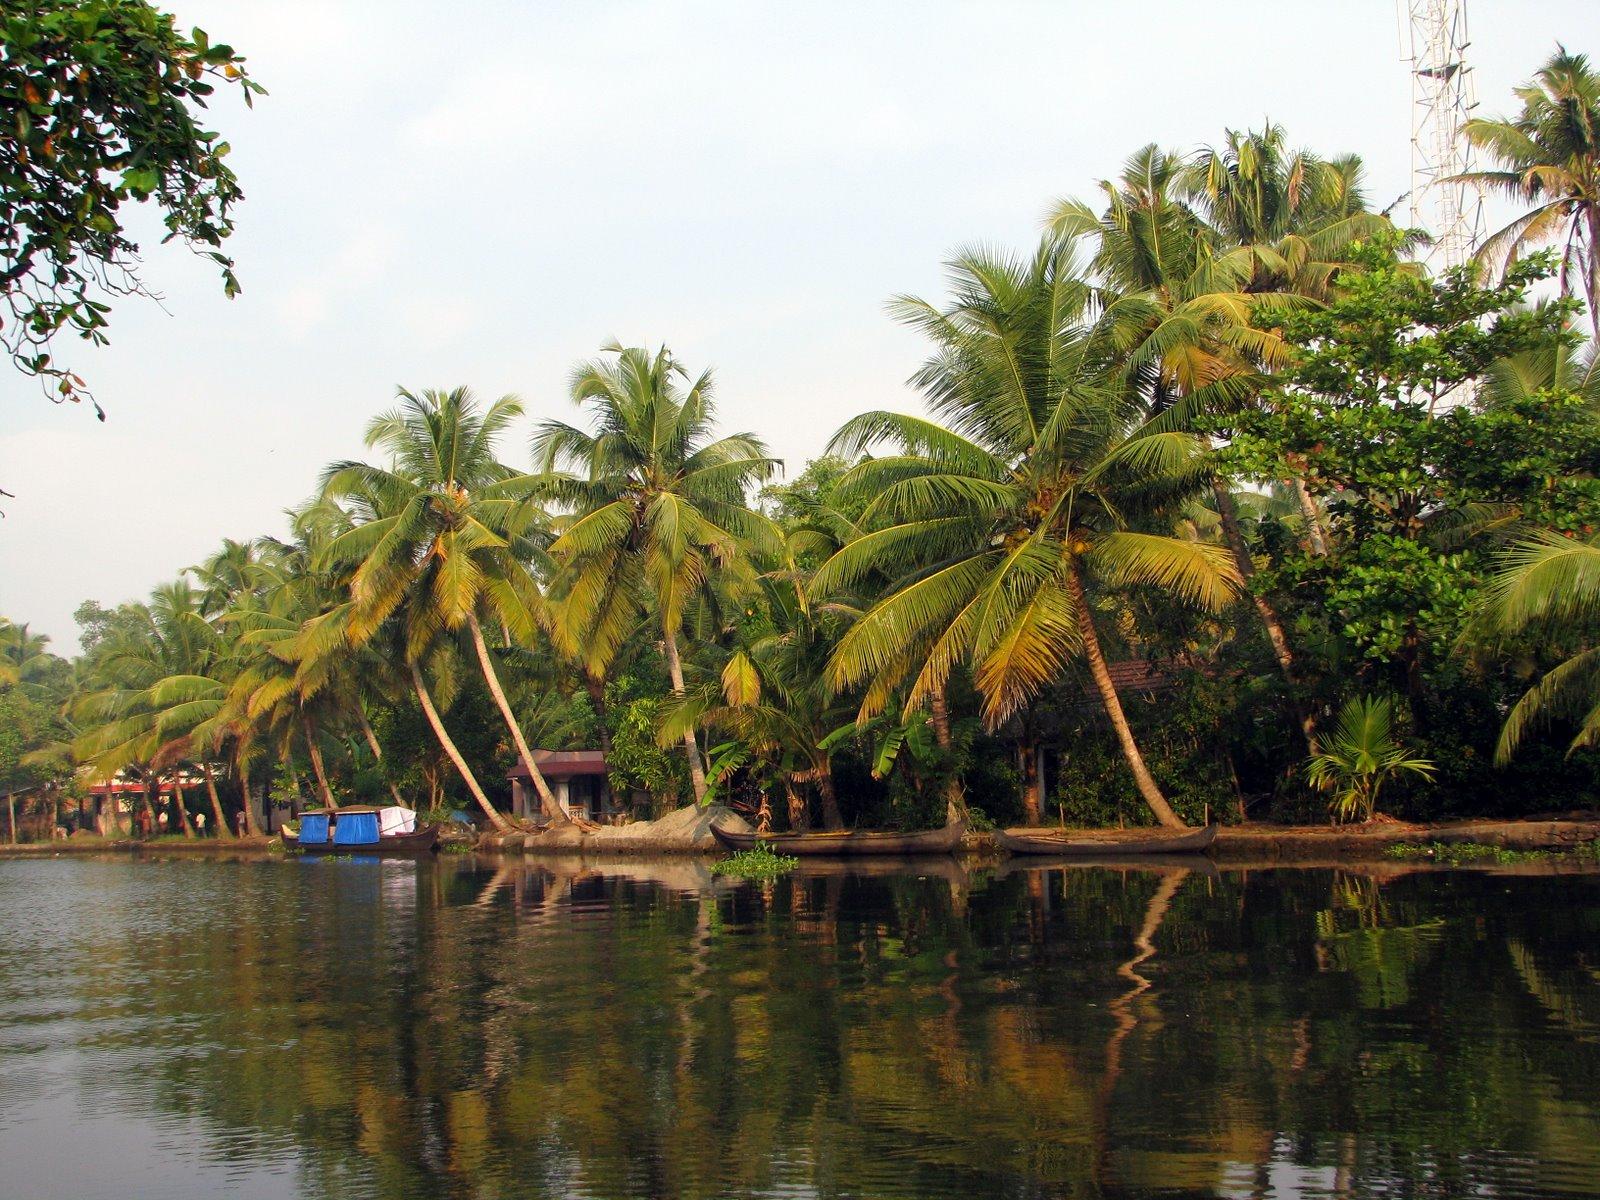 Real Madrid Iphone 4 Wallpaper Download Kerala Nature Wallpaper Hd Gallery